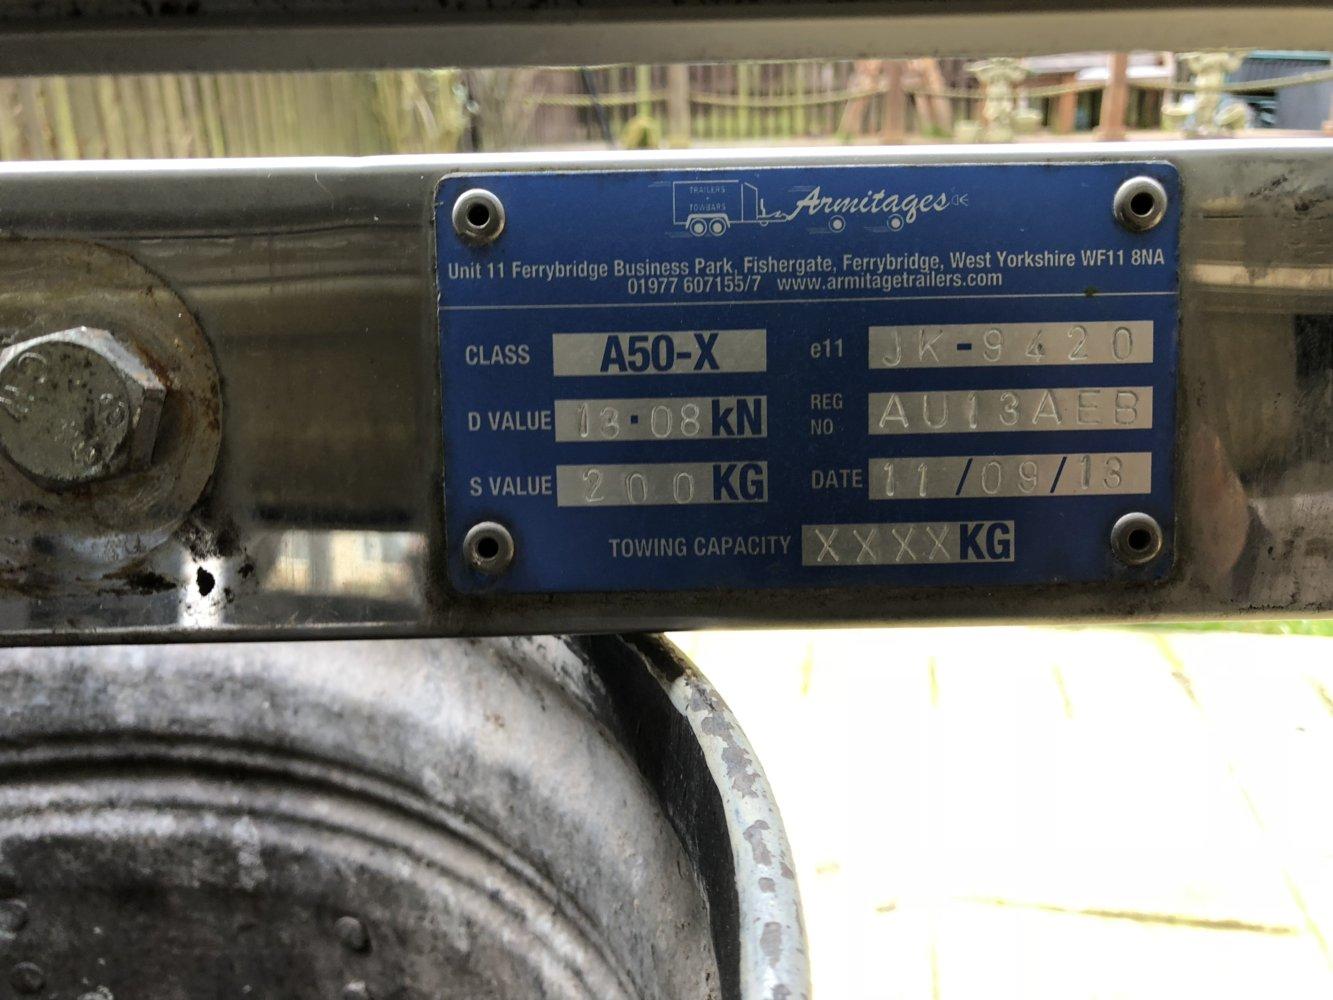 2A08D981-E11E-42EA-8668-8E77D6E570F7.jpeg